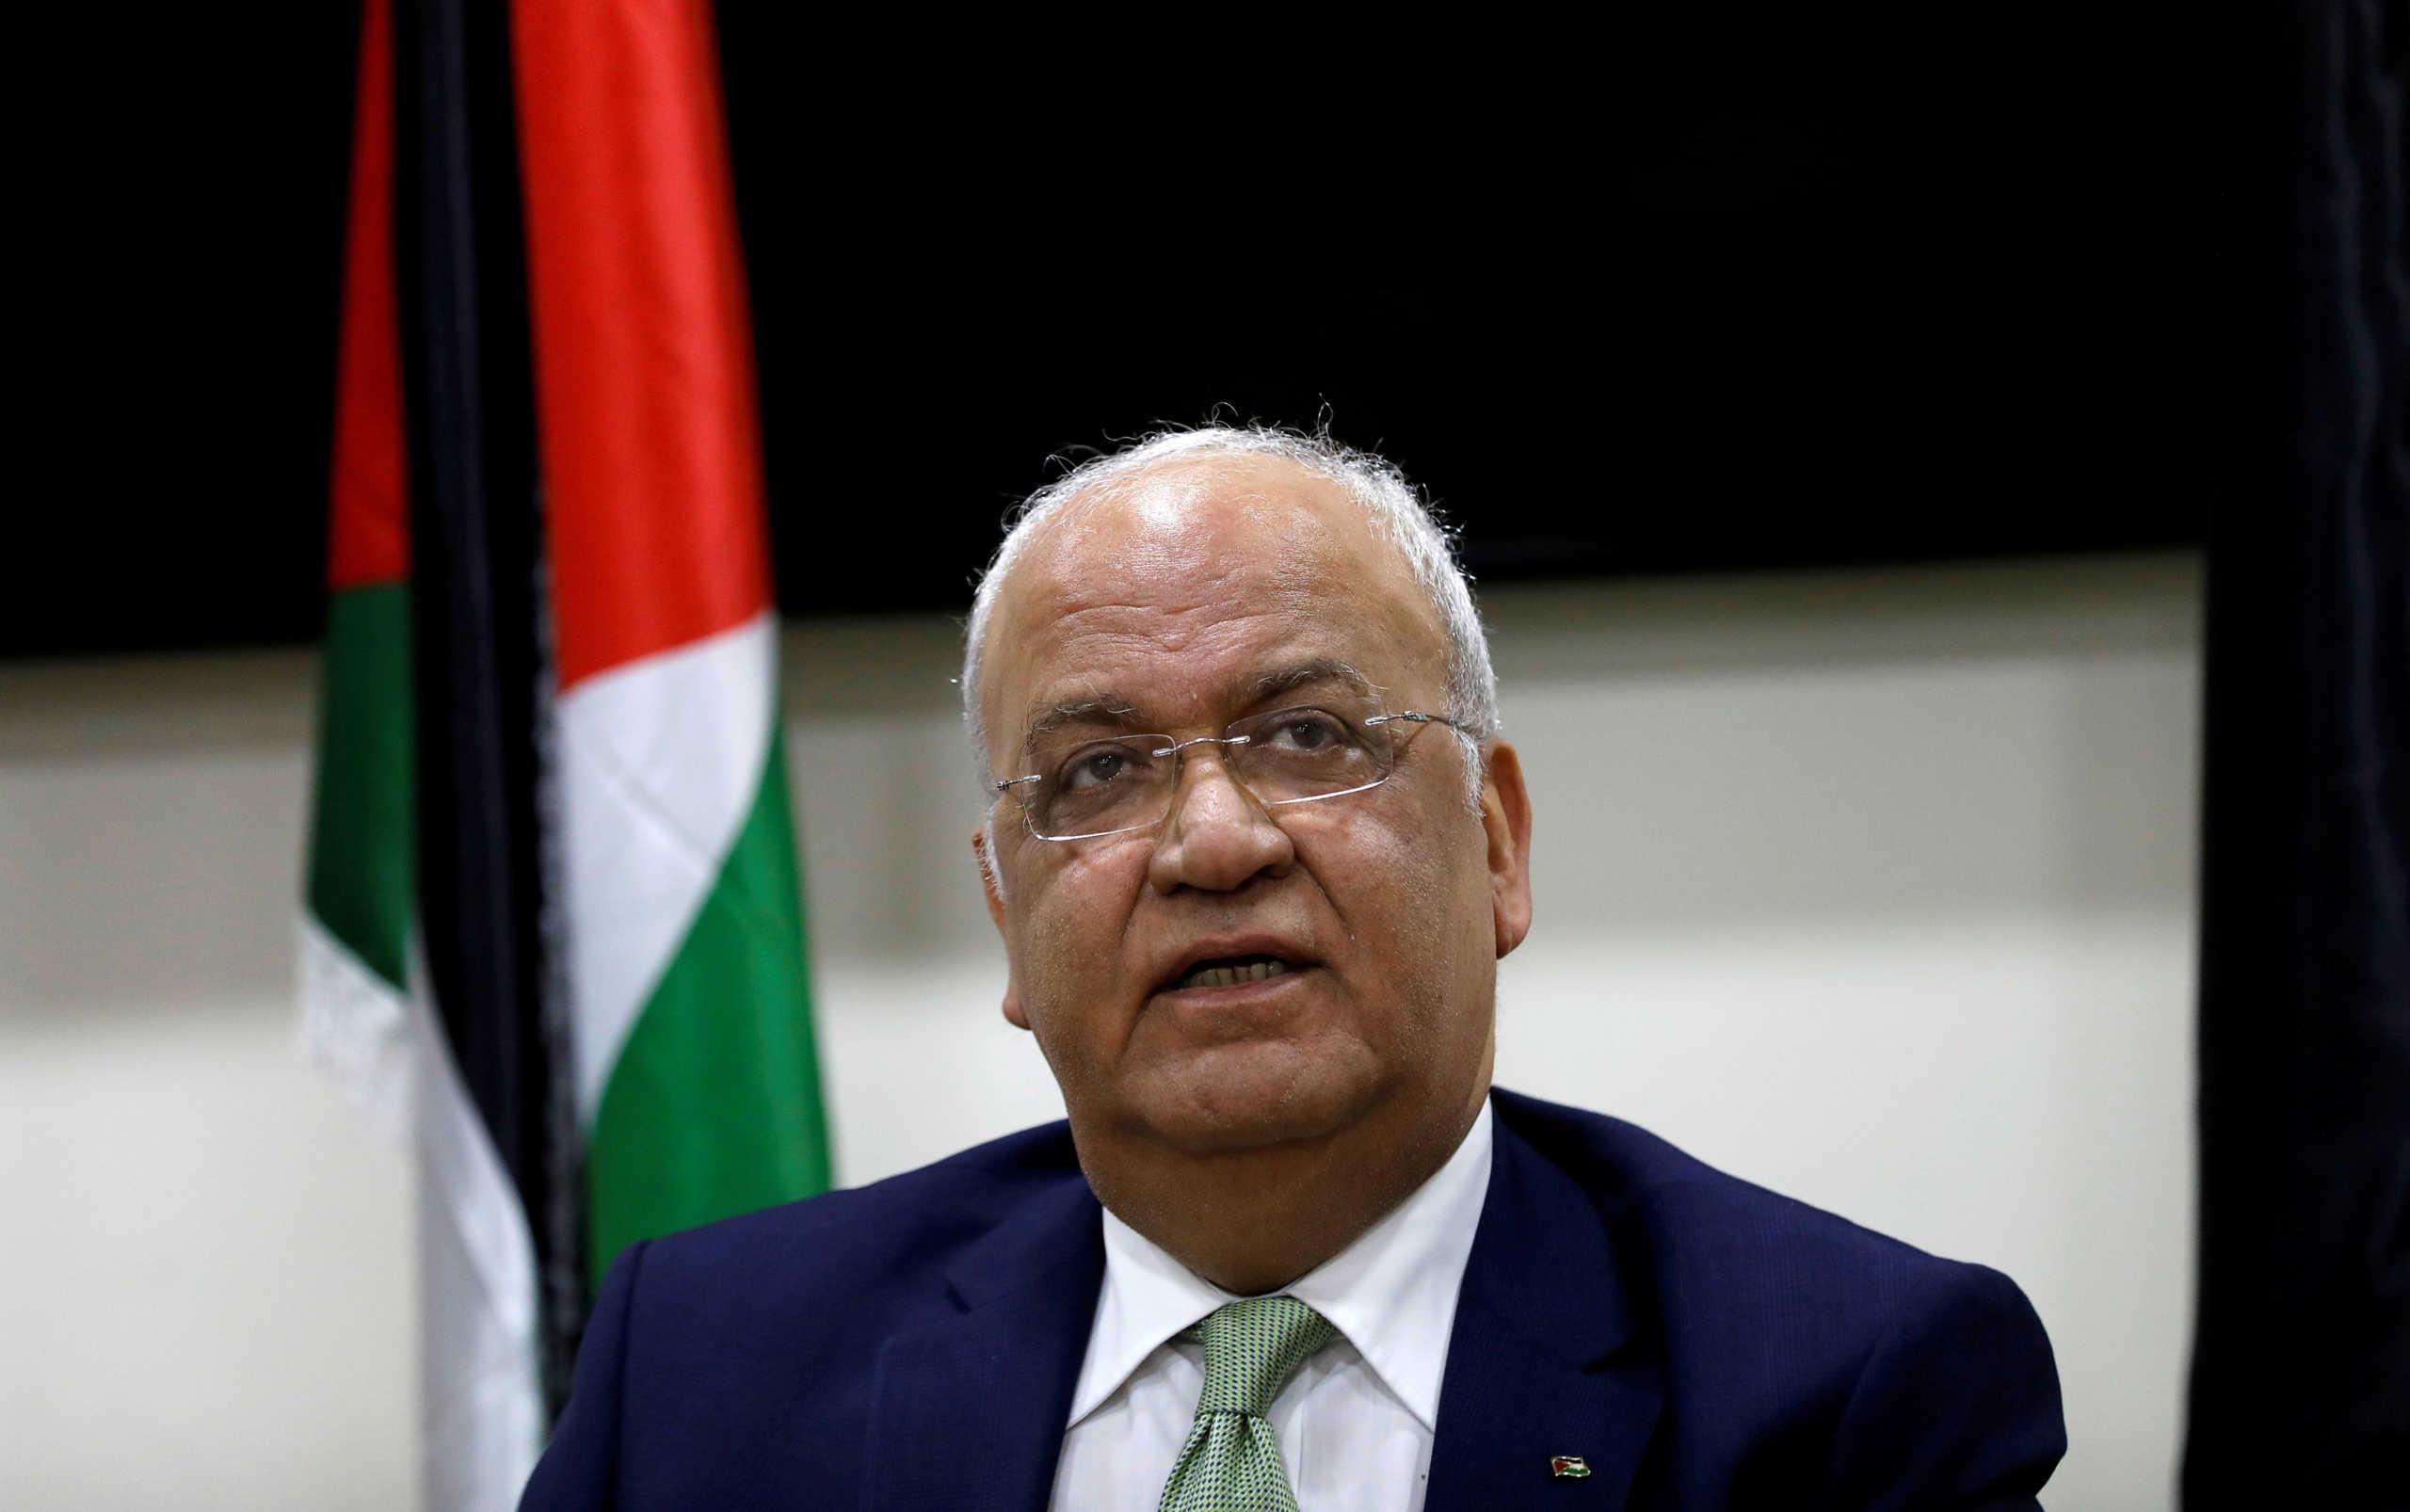 Σαέμπ Ερεκάτ: Με στρατιωτική πομπή και στεφάνι από τον Αμπάς η κηδεία του διαπραγματευτή των Παλαιστινίων